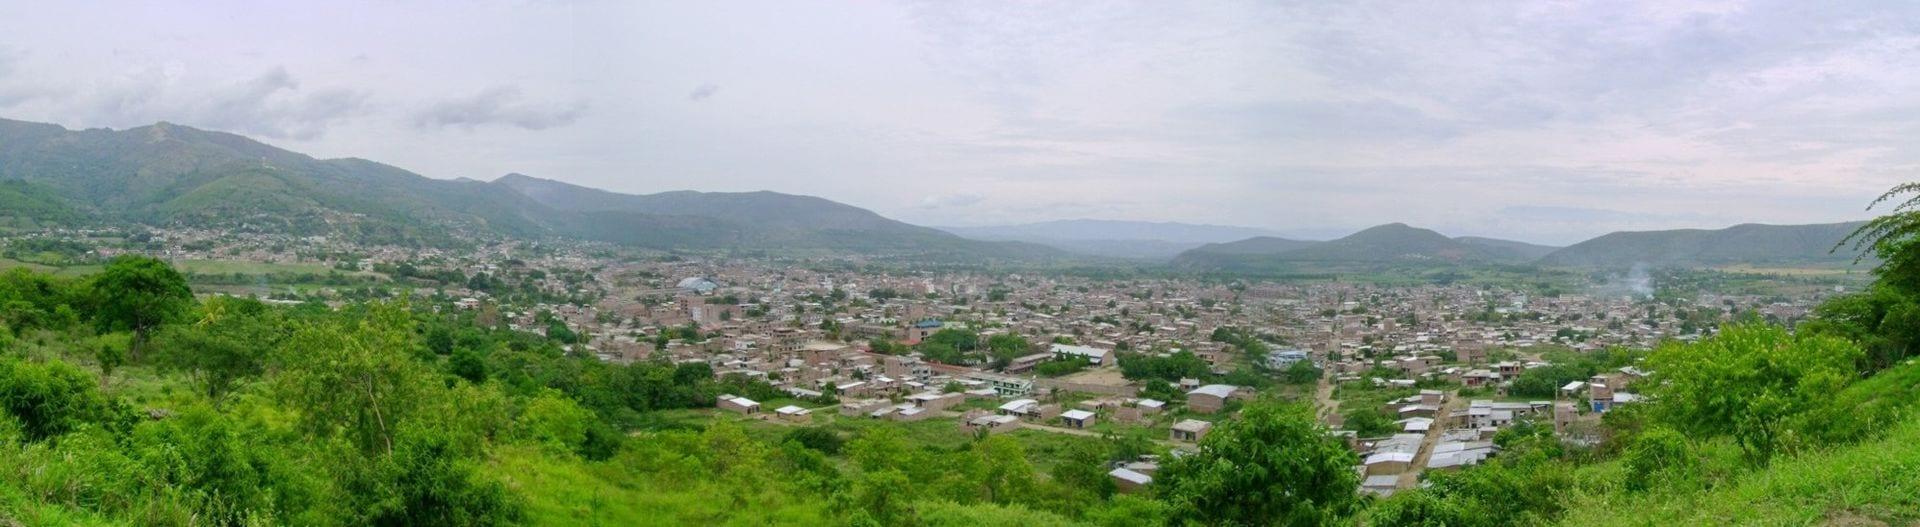 Jaen in Peru